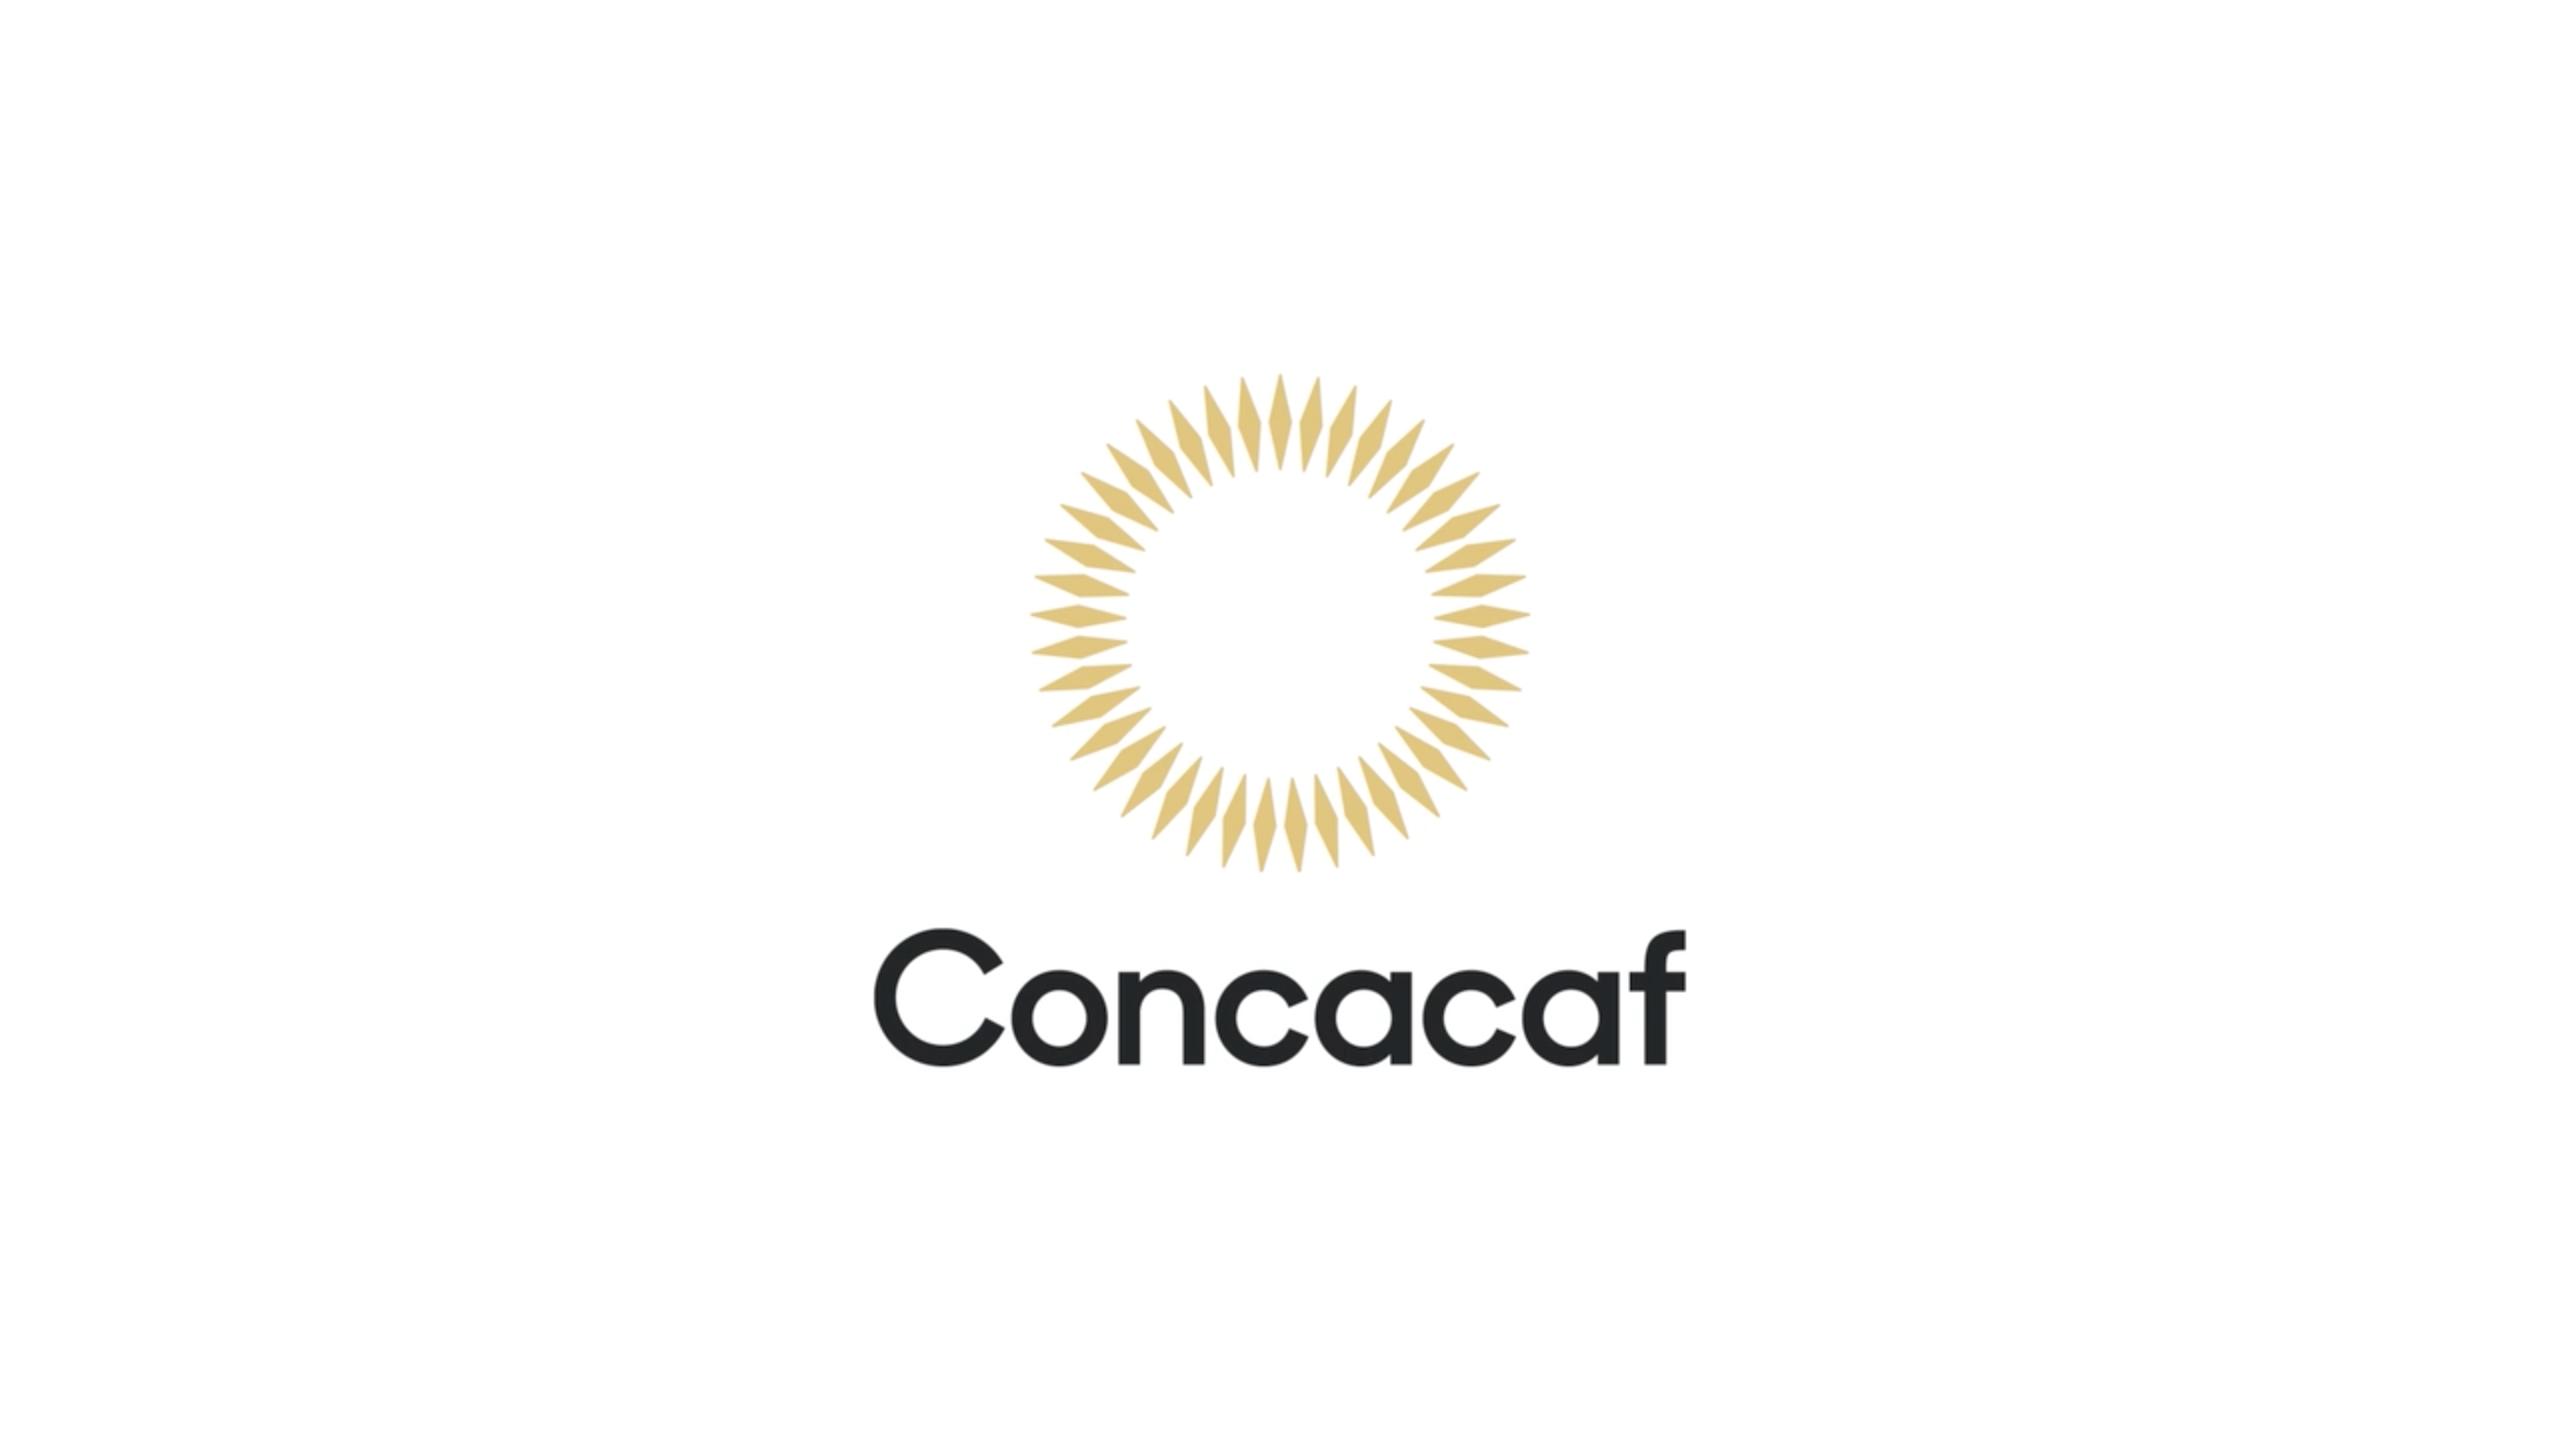 #FIFAWWC (CONCACAF) - Qualifications, calendrier, phase finale, les dates et lieux connus